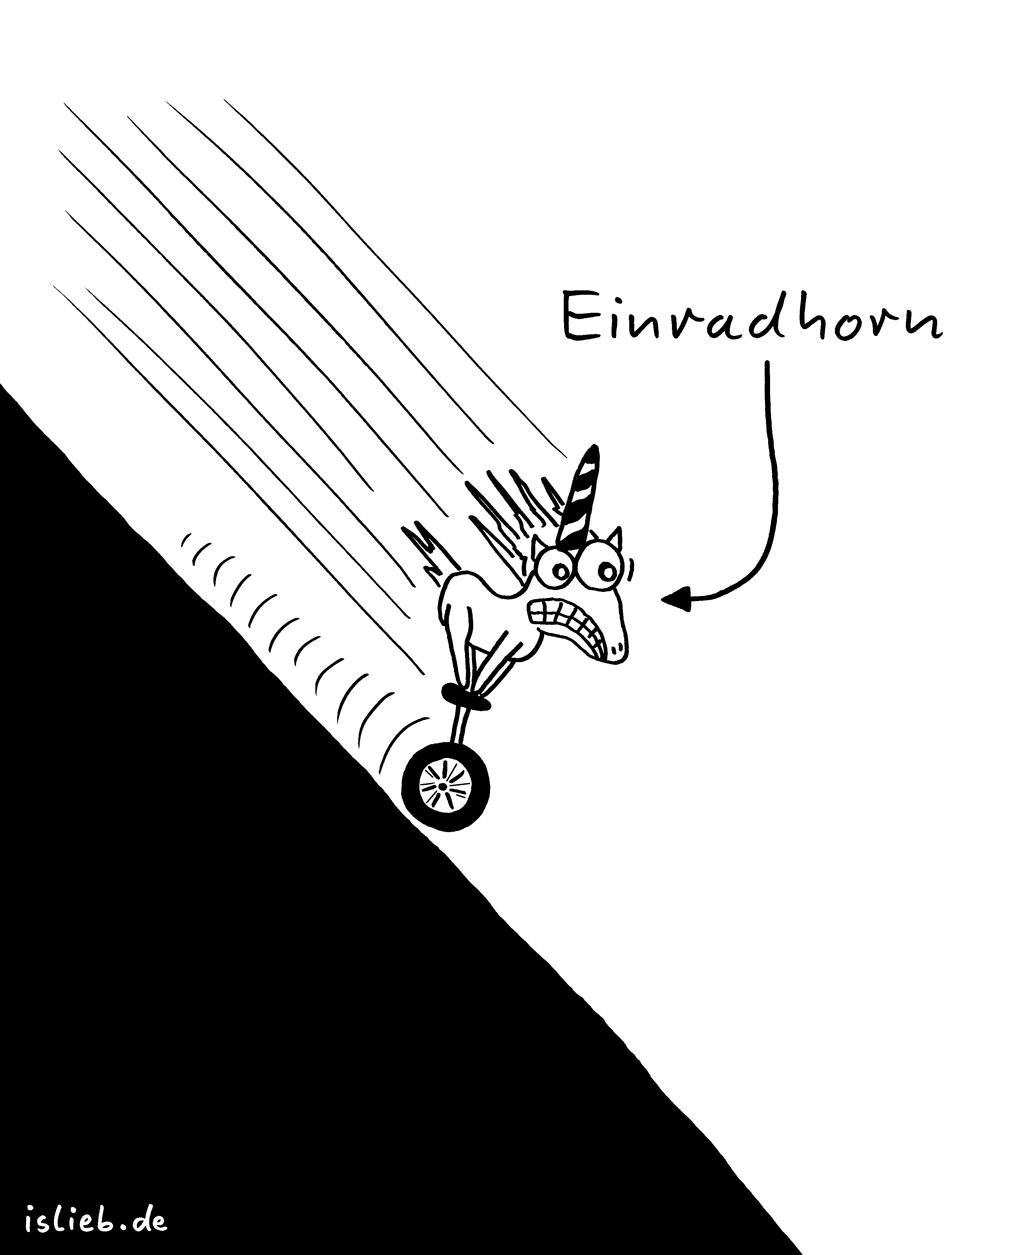 Einradhorn | Einrad-Cartoon | is lieb? | Einrad, Einhorn, Einradeinhorn, Einrathorn, Abhang, Akrobatik, Zirkus, rasen